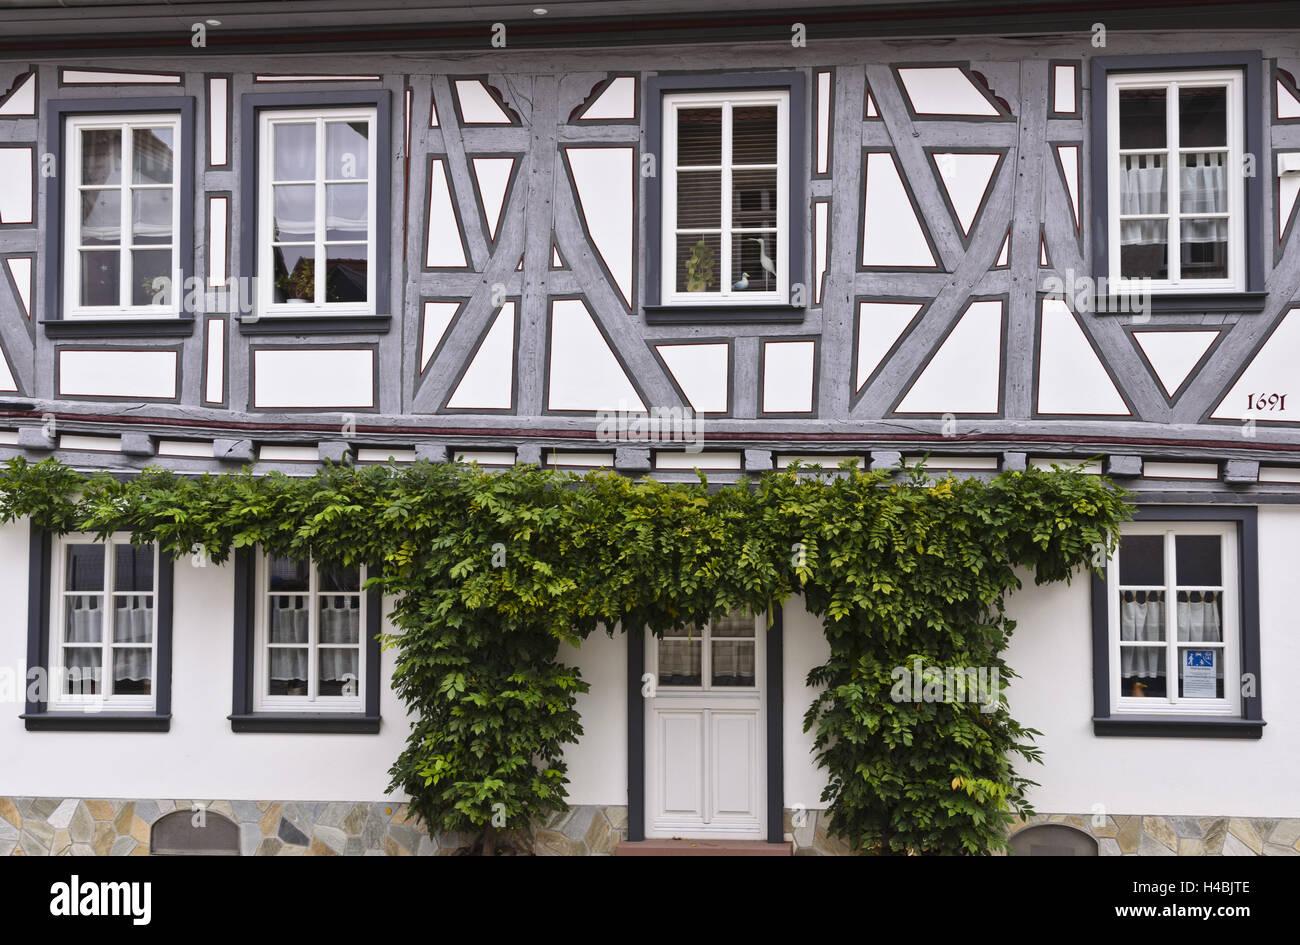 deutschland hessen taunus fachwerk der stvzo idstein altstadt fachwerk fassade stockfoto. Black Bedroom Furniture Sets. Home Design Ideas